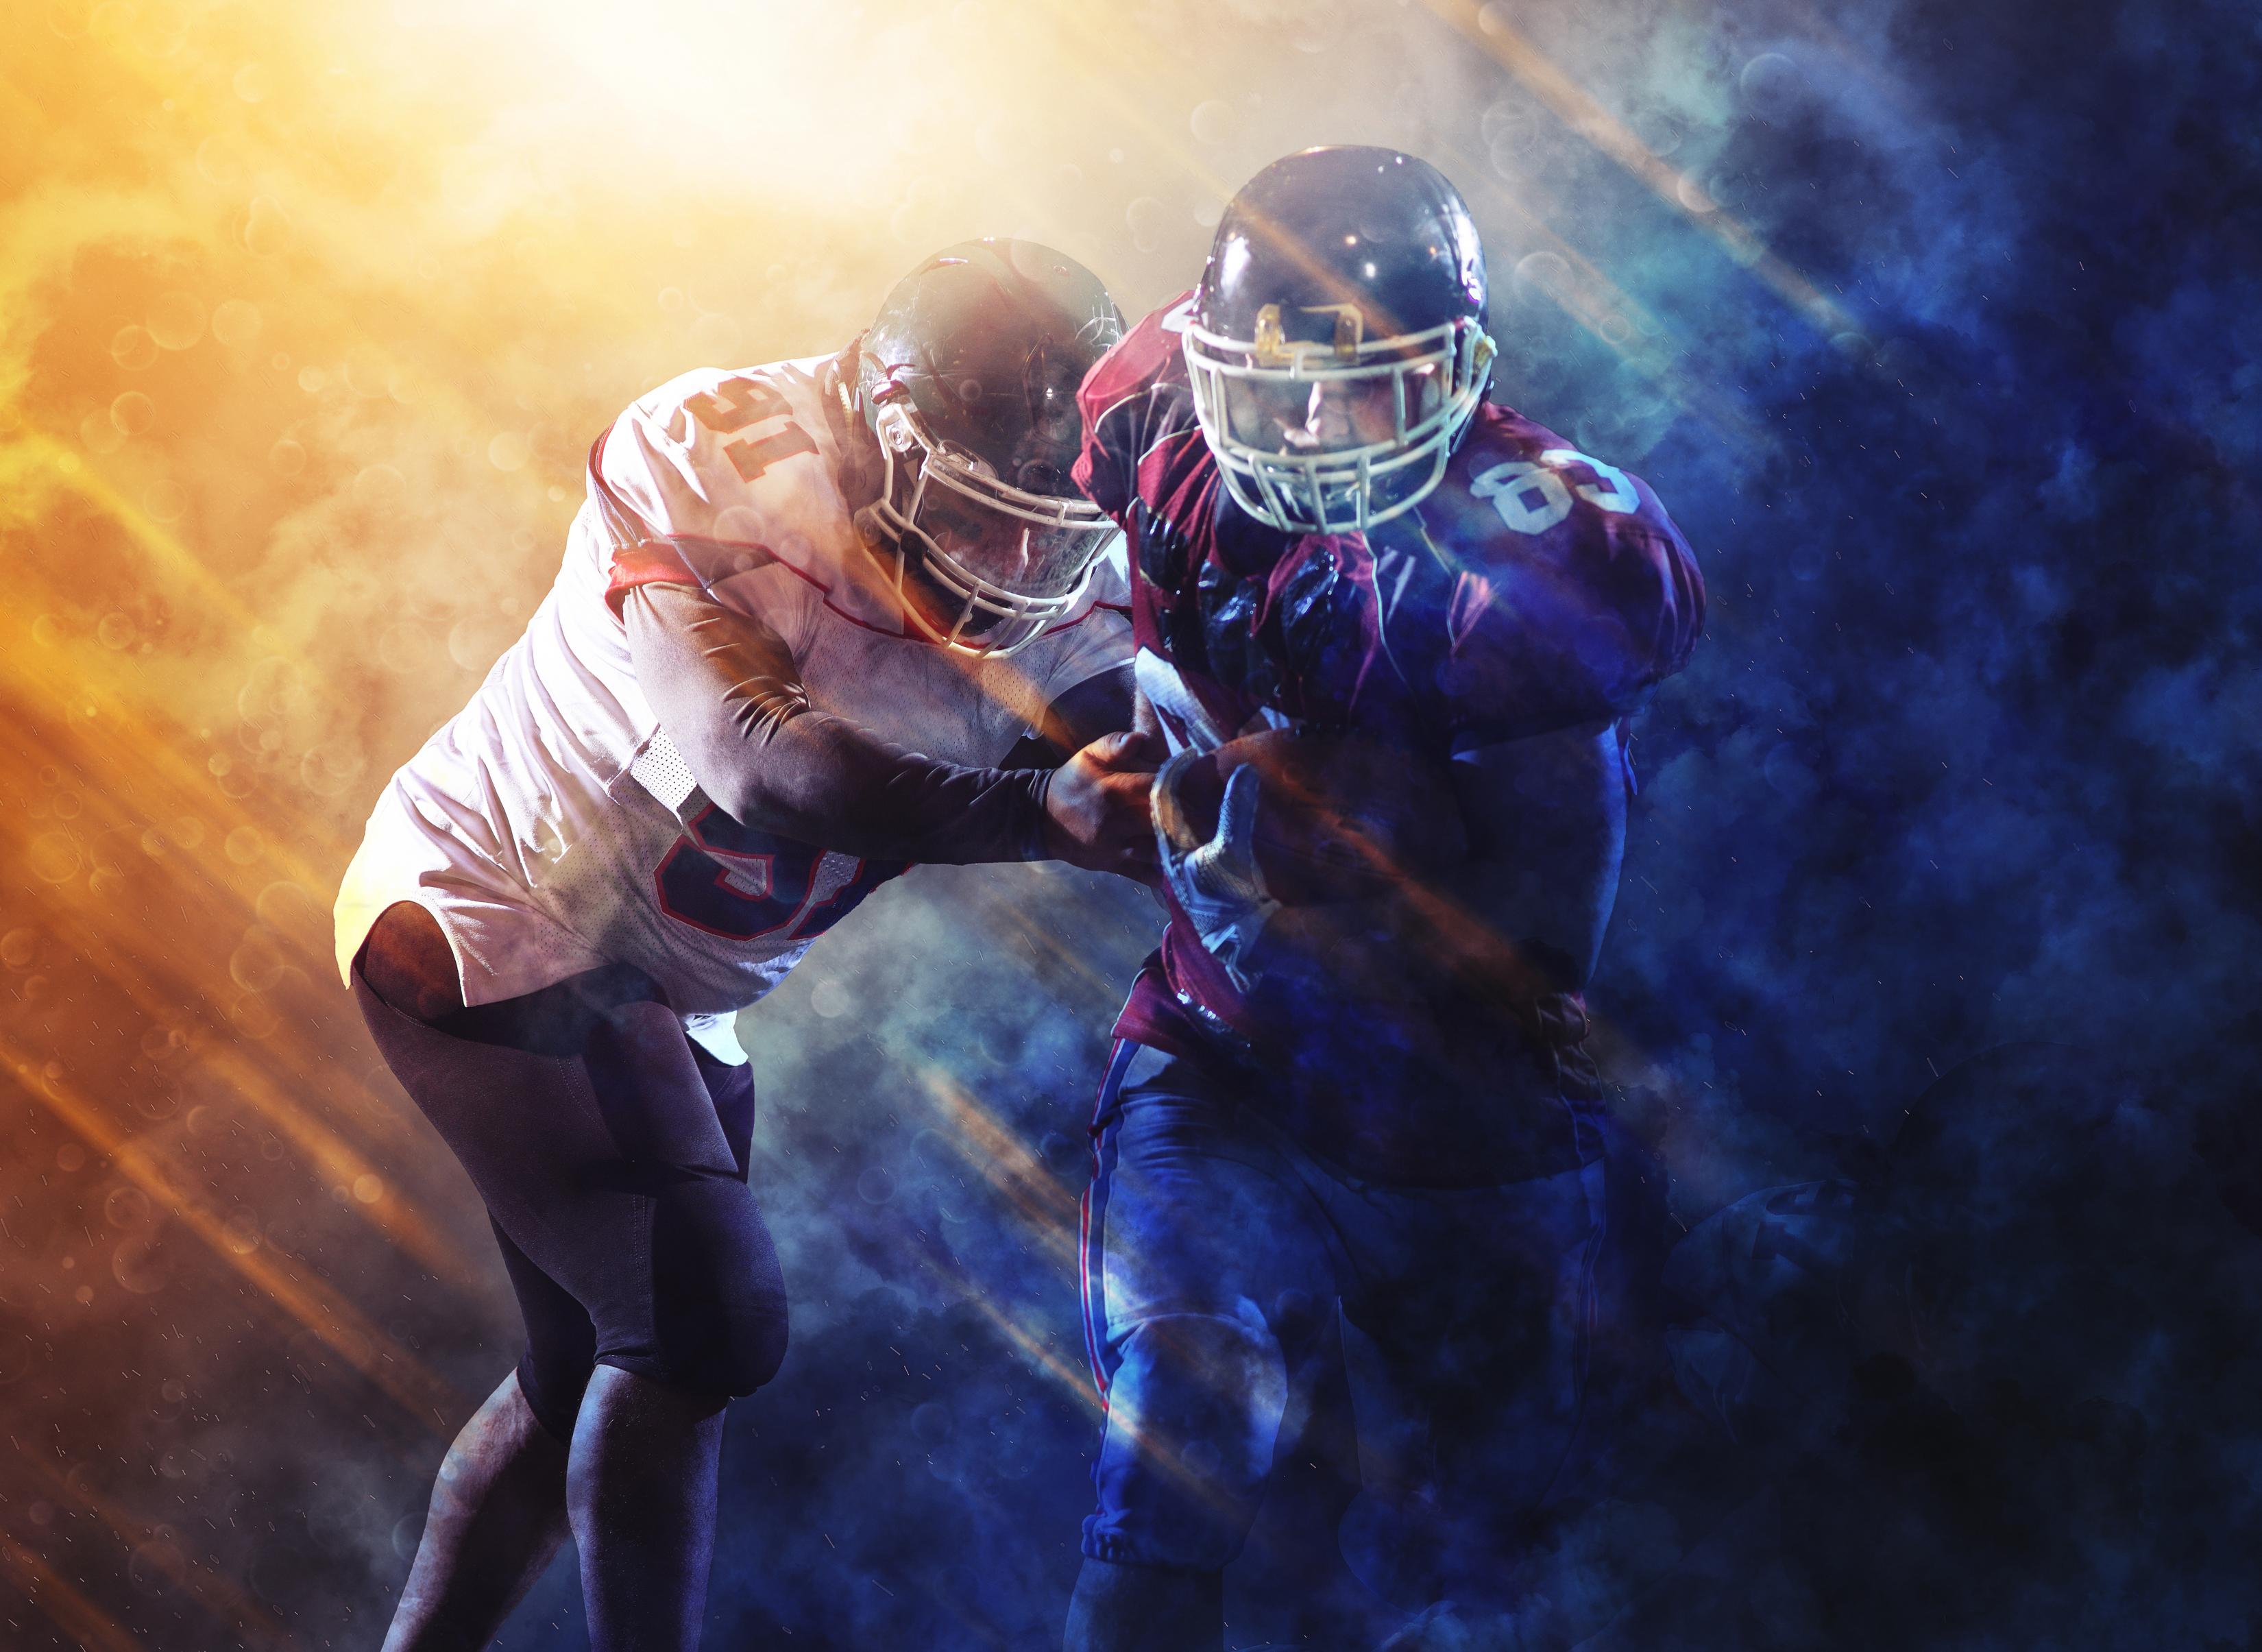 Фотографии Шлем Американский футбол 2 Спорт униформе шлема в шлеме два две Двое вдвоем спортивный спортивные спортивная Униформа